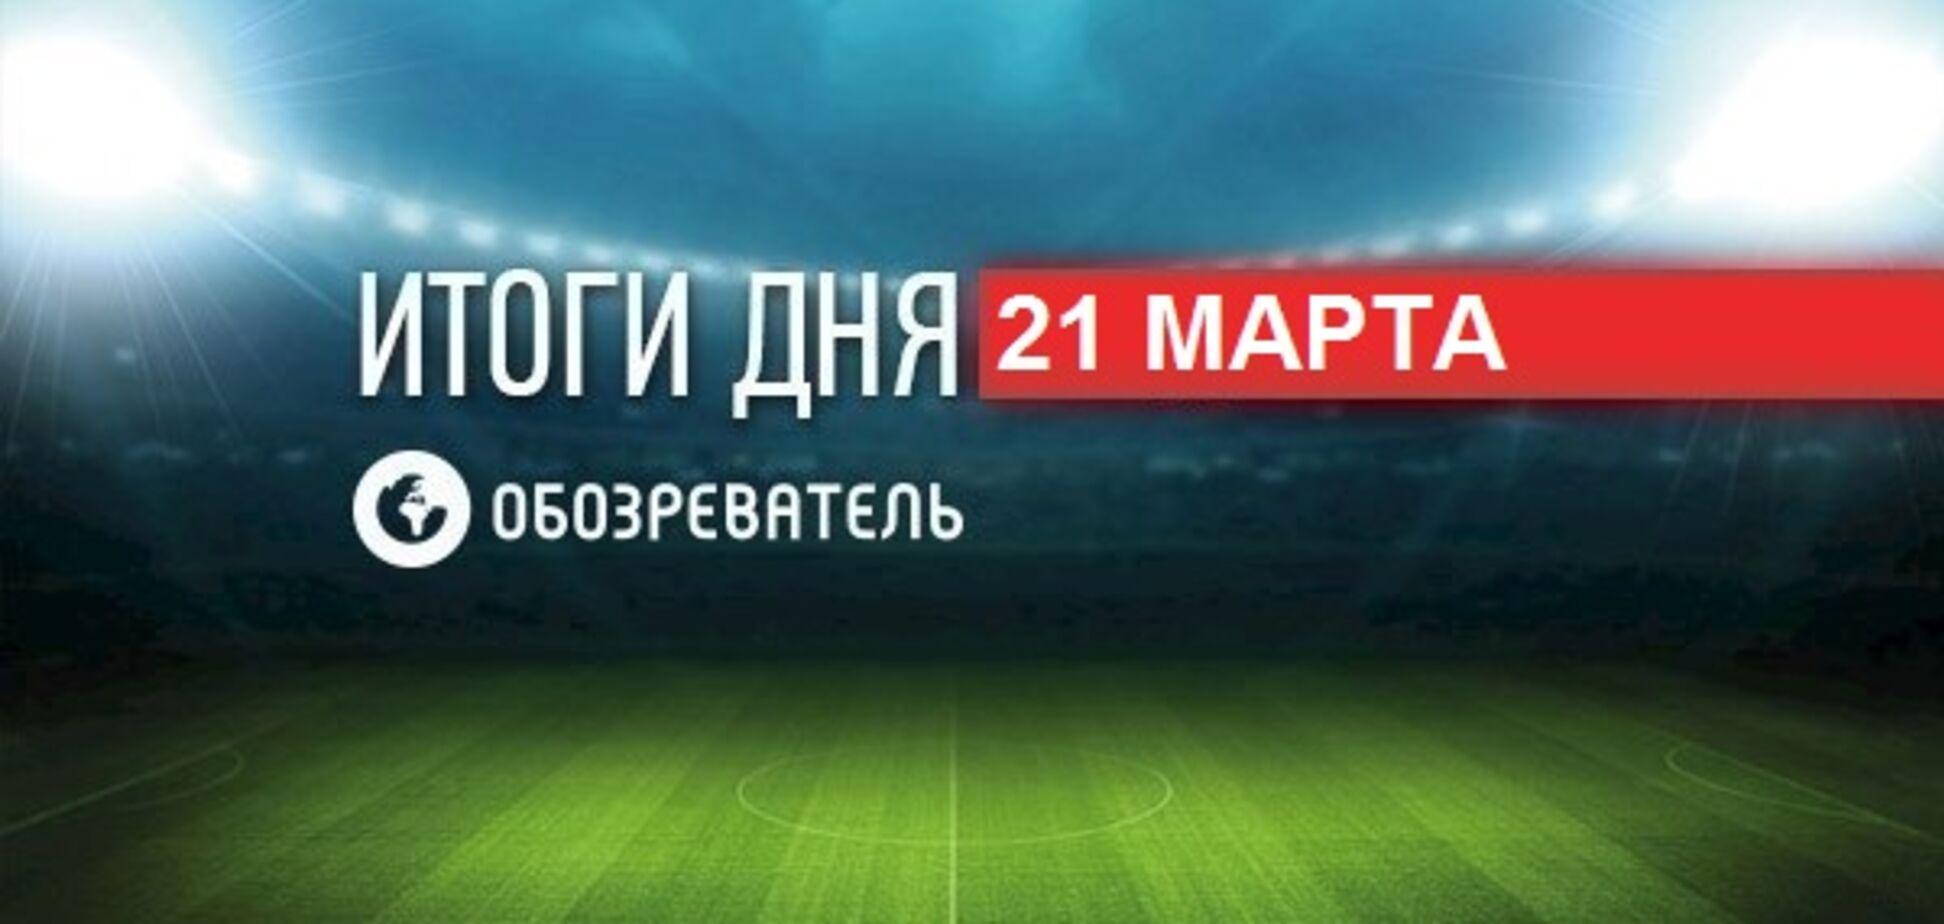 Україні влаштували підставу на Паралімпіаді: спортивні підсумки 21 березня